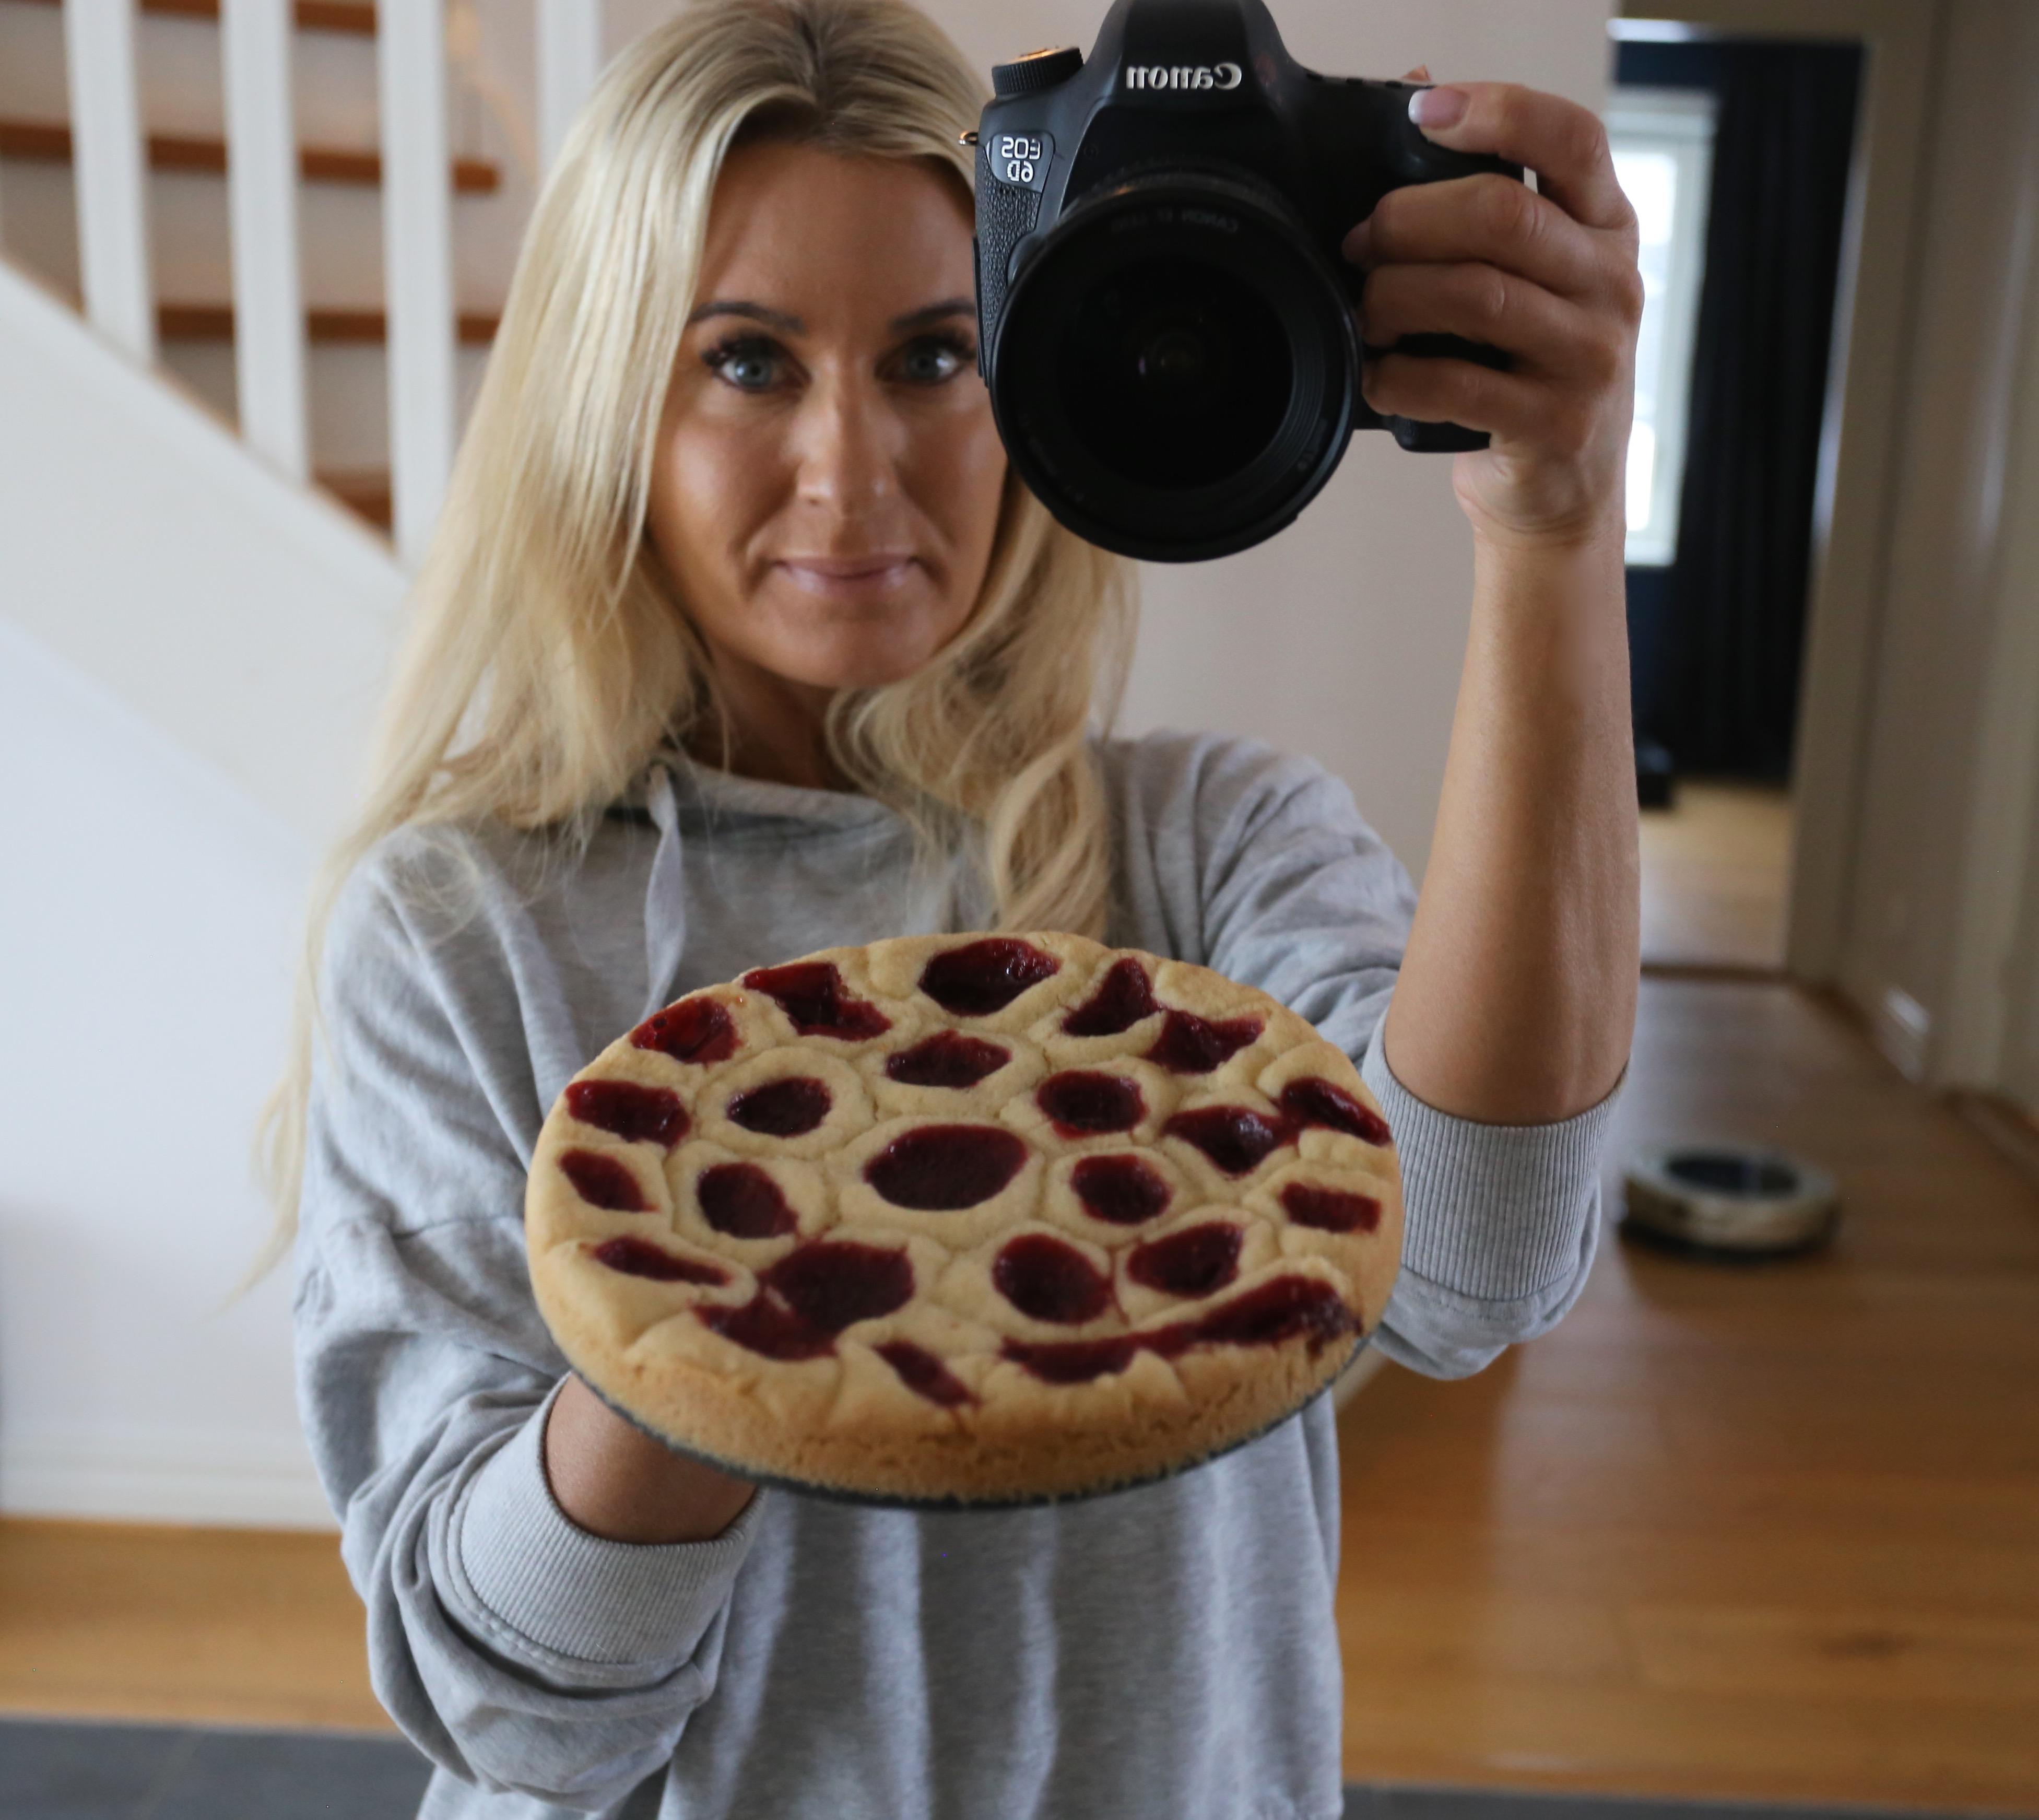 Jenny Warsen, som driver Jennys Matblogg, håller upp en paj och fotar sig själv i spegeln